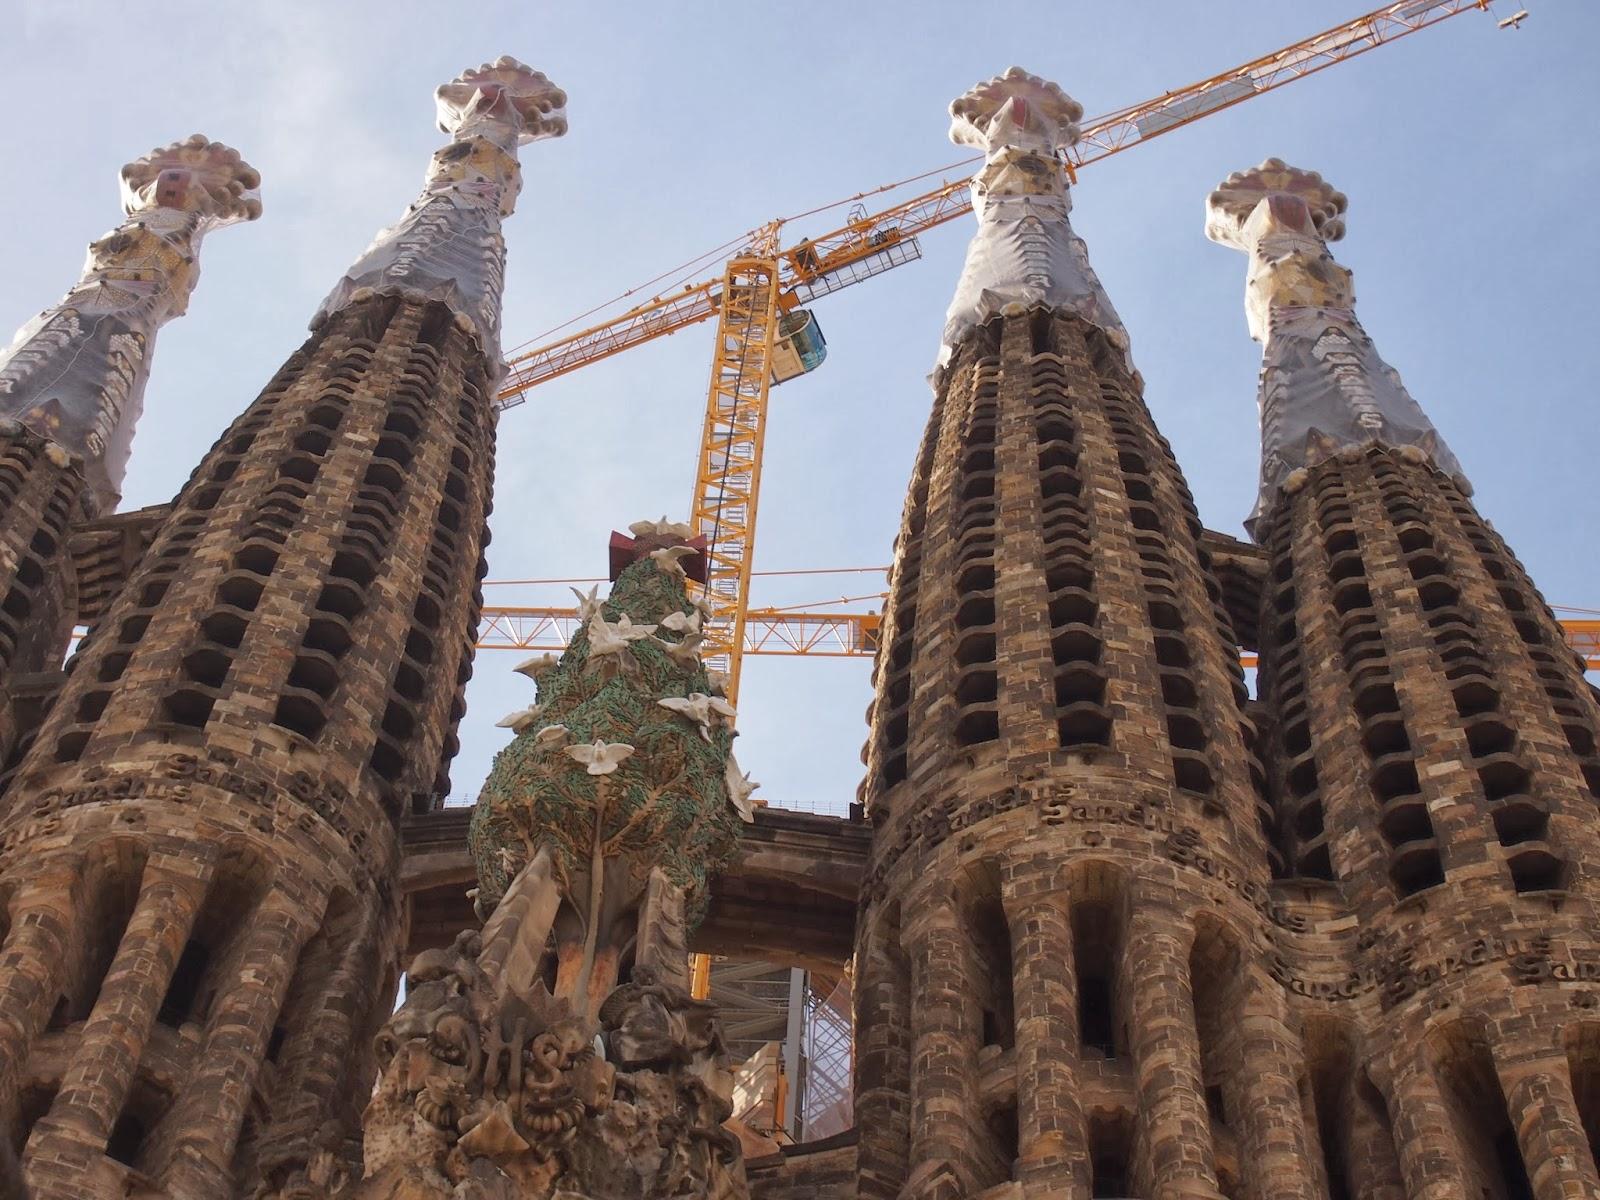 Details of Sagrada Familia